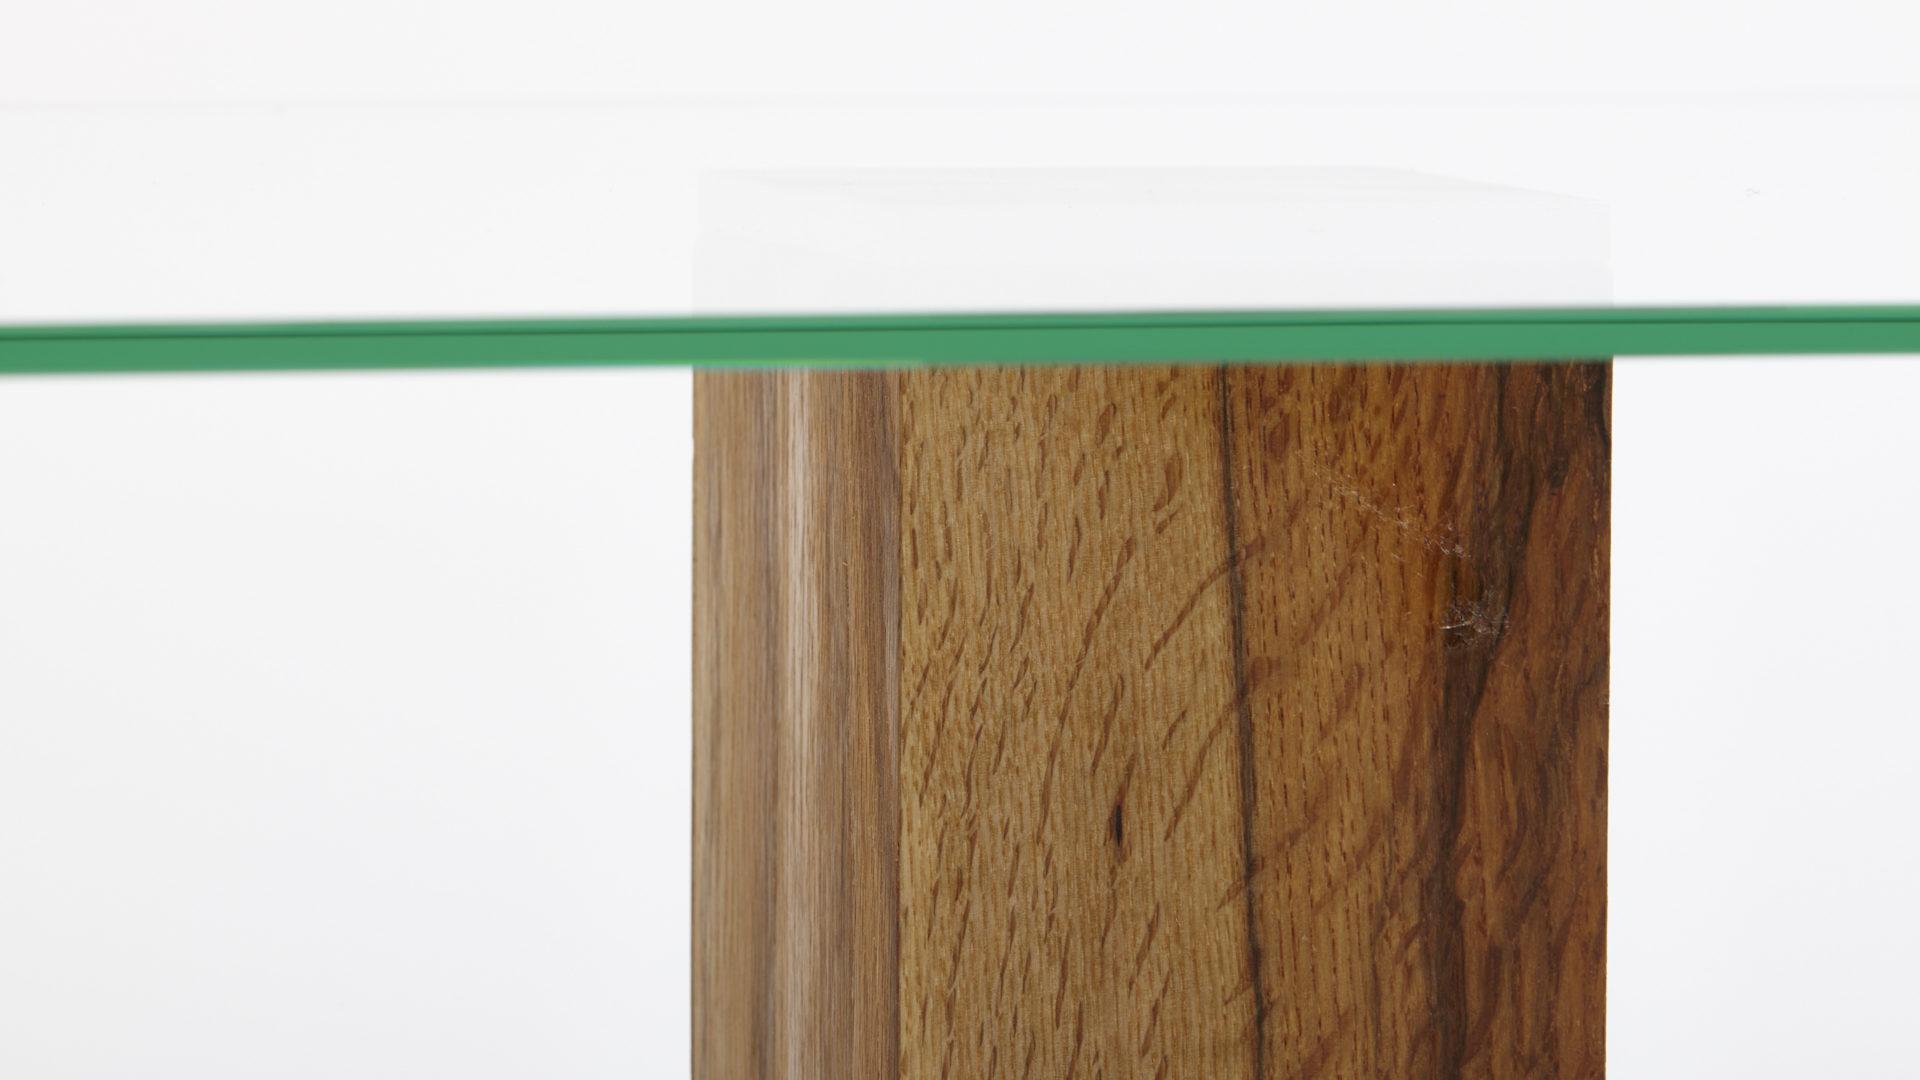 Couchtisch Concept Aus Glas In Transparent Als Moderner Wohnzimmertisch Klarglas Edelstahl Wildeiche